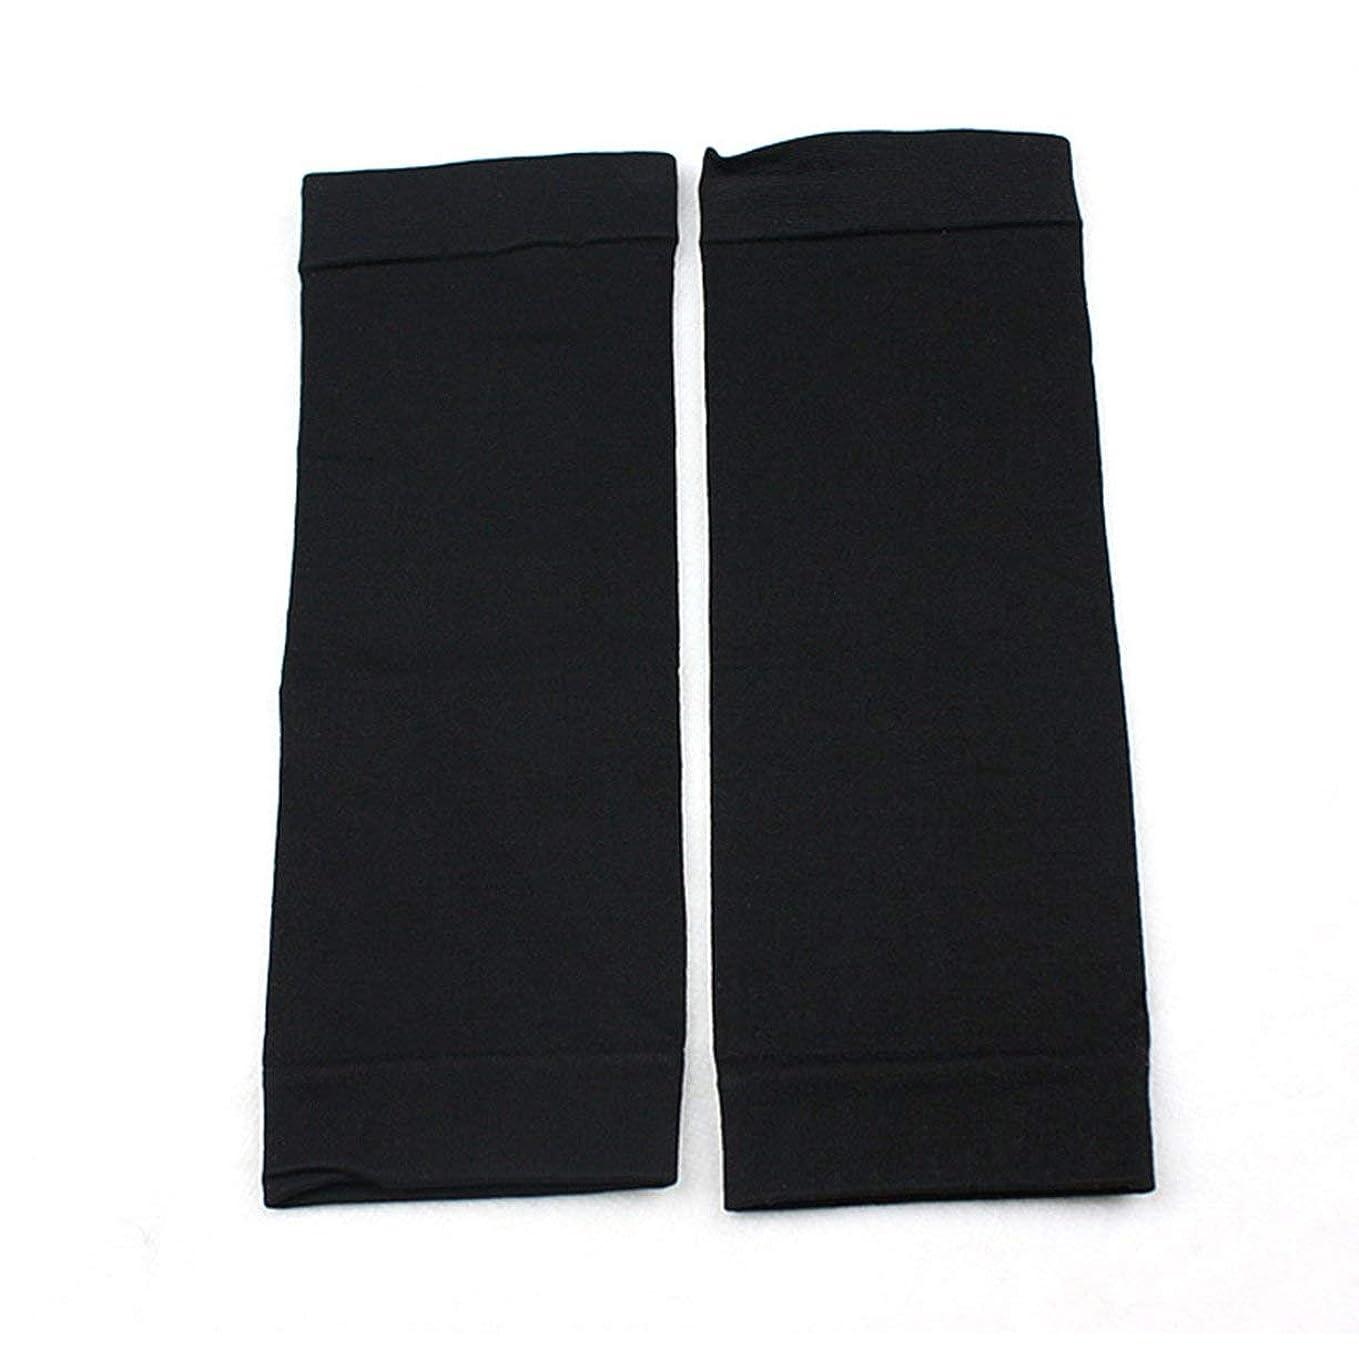 シビック産地アリユニセックス男性女性プロの圧縮ソックス通気性のあるトラベルアクティビティフィットナースシンスプリントフライトトラベル - ブラックS/M